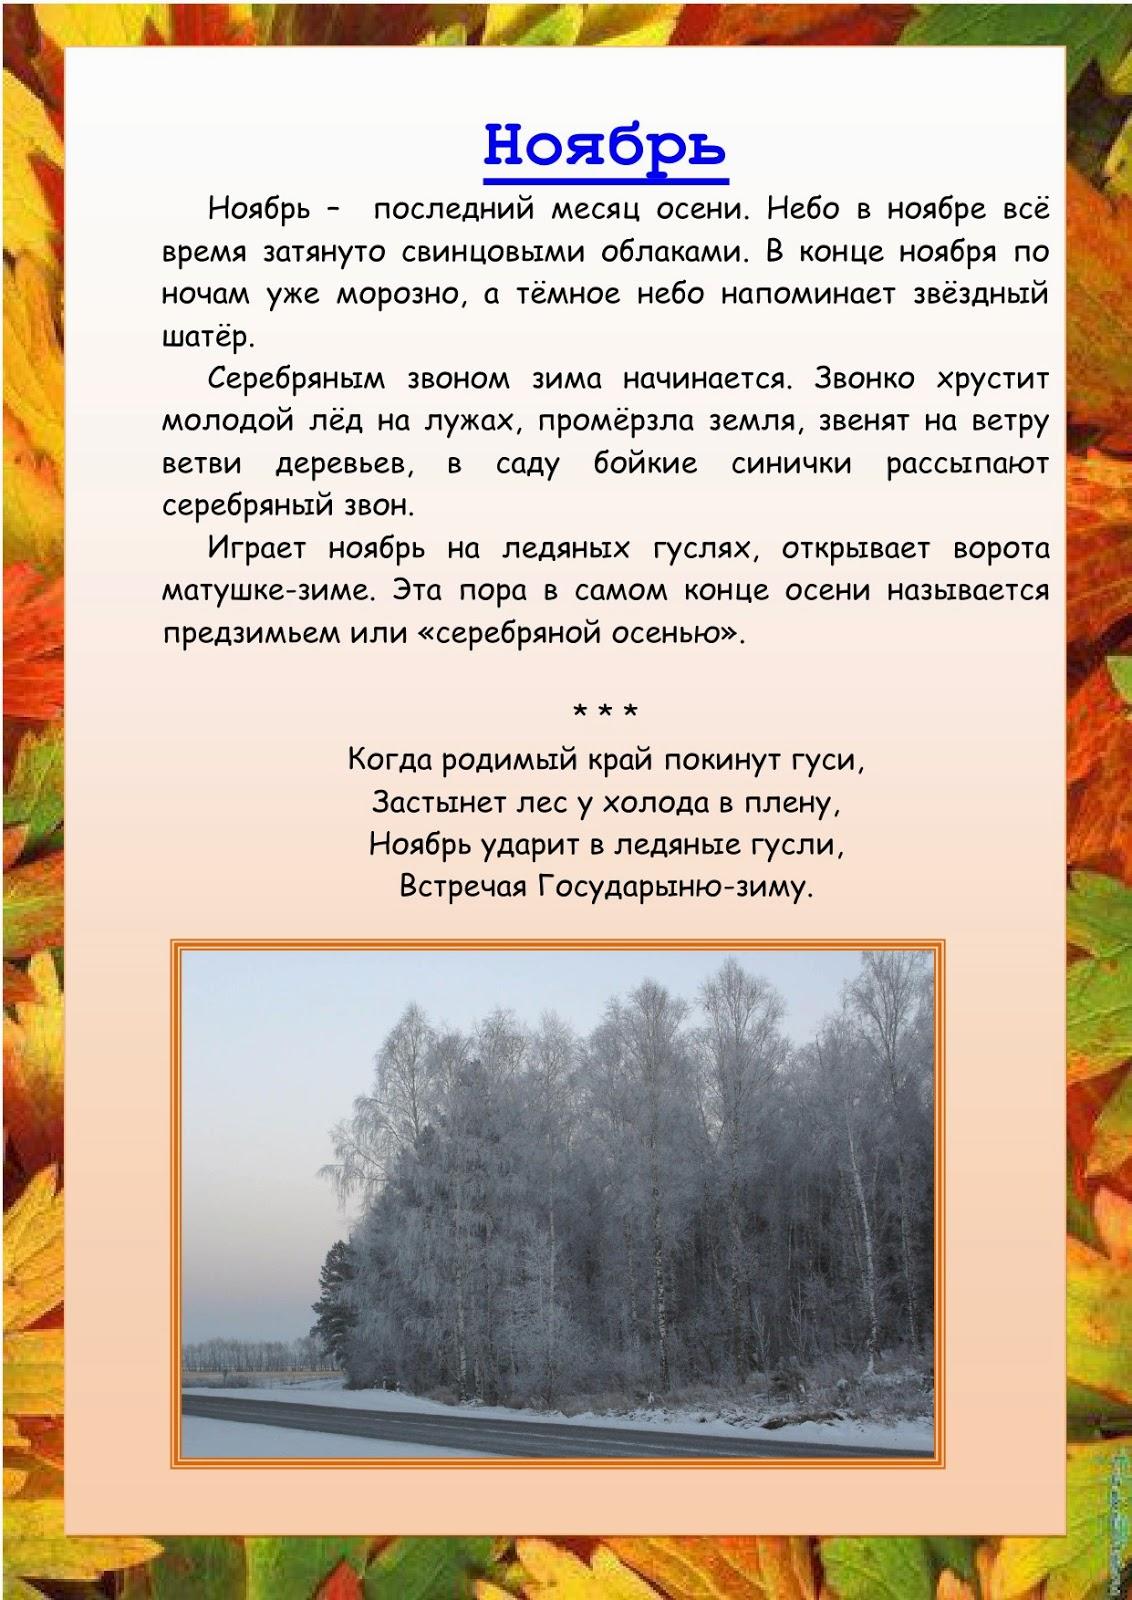 Ноябрь картинки и стихи